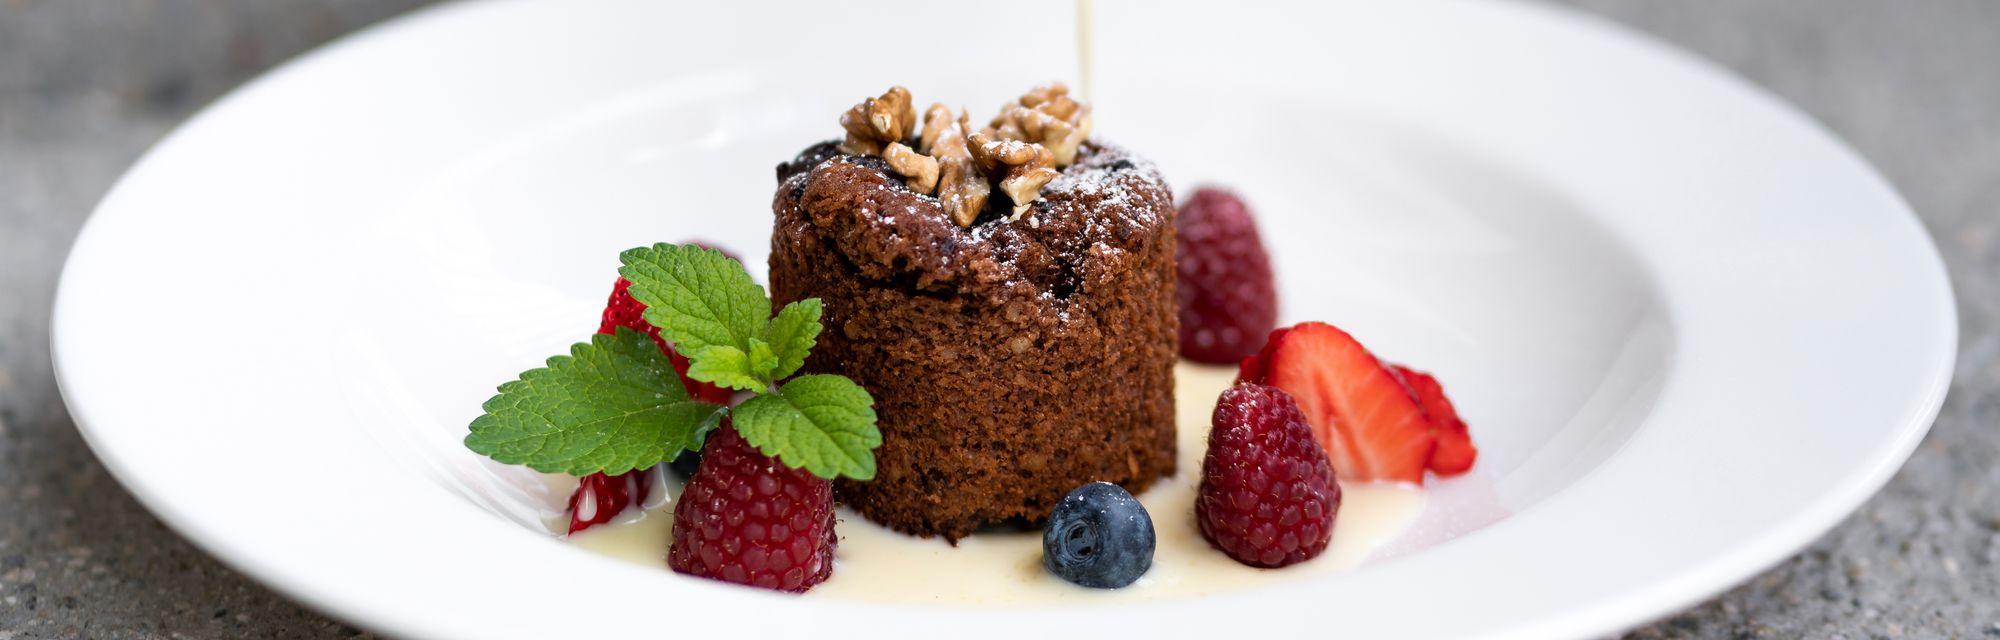 Köstliche Desserts im Streklhof